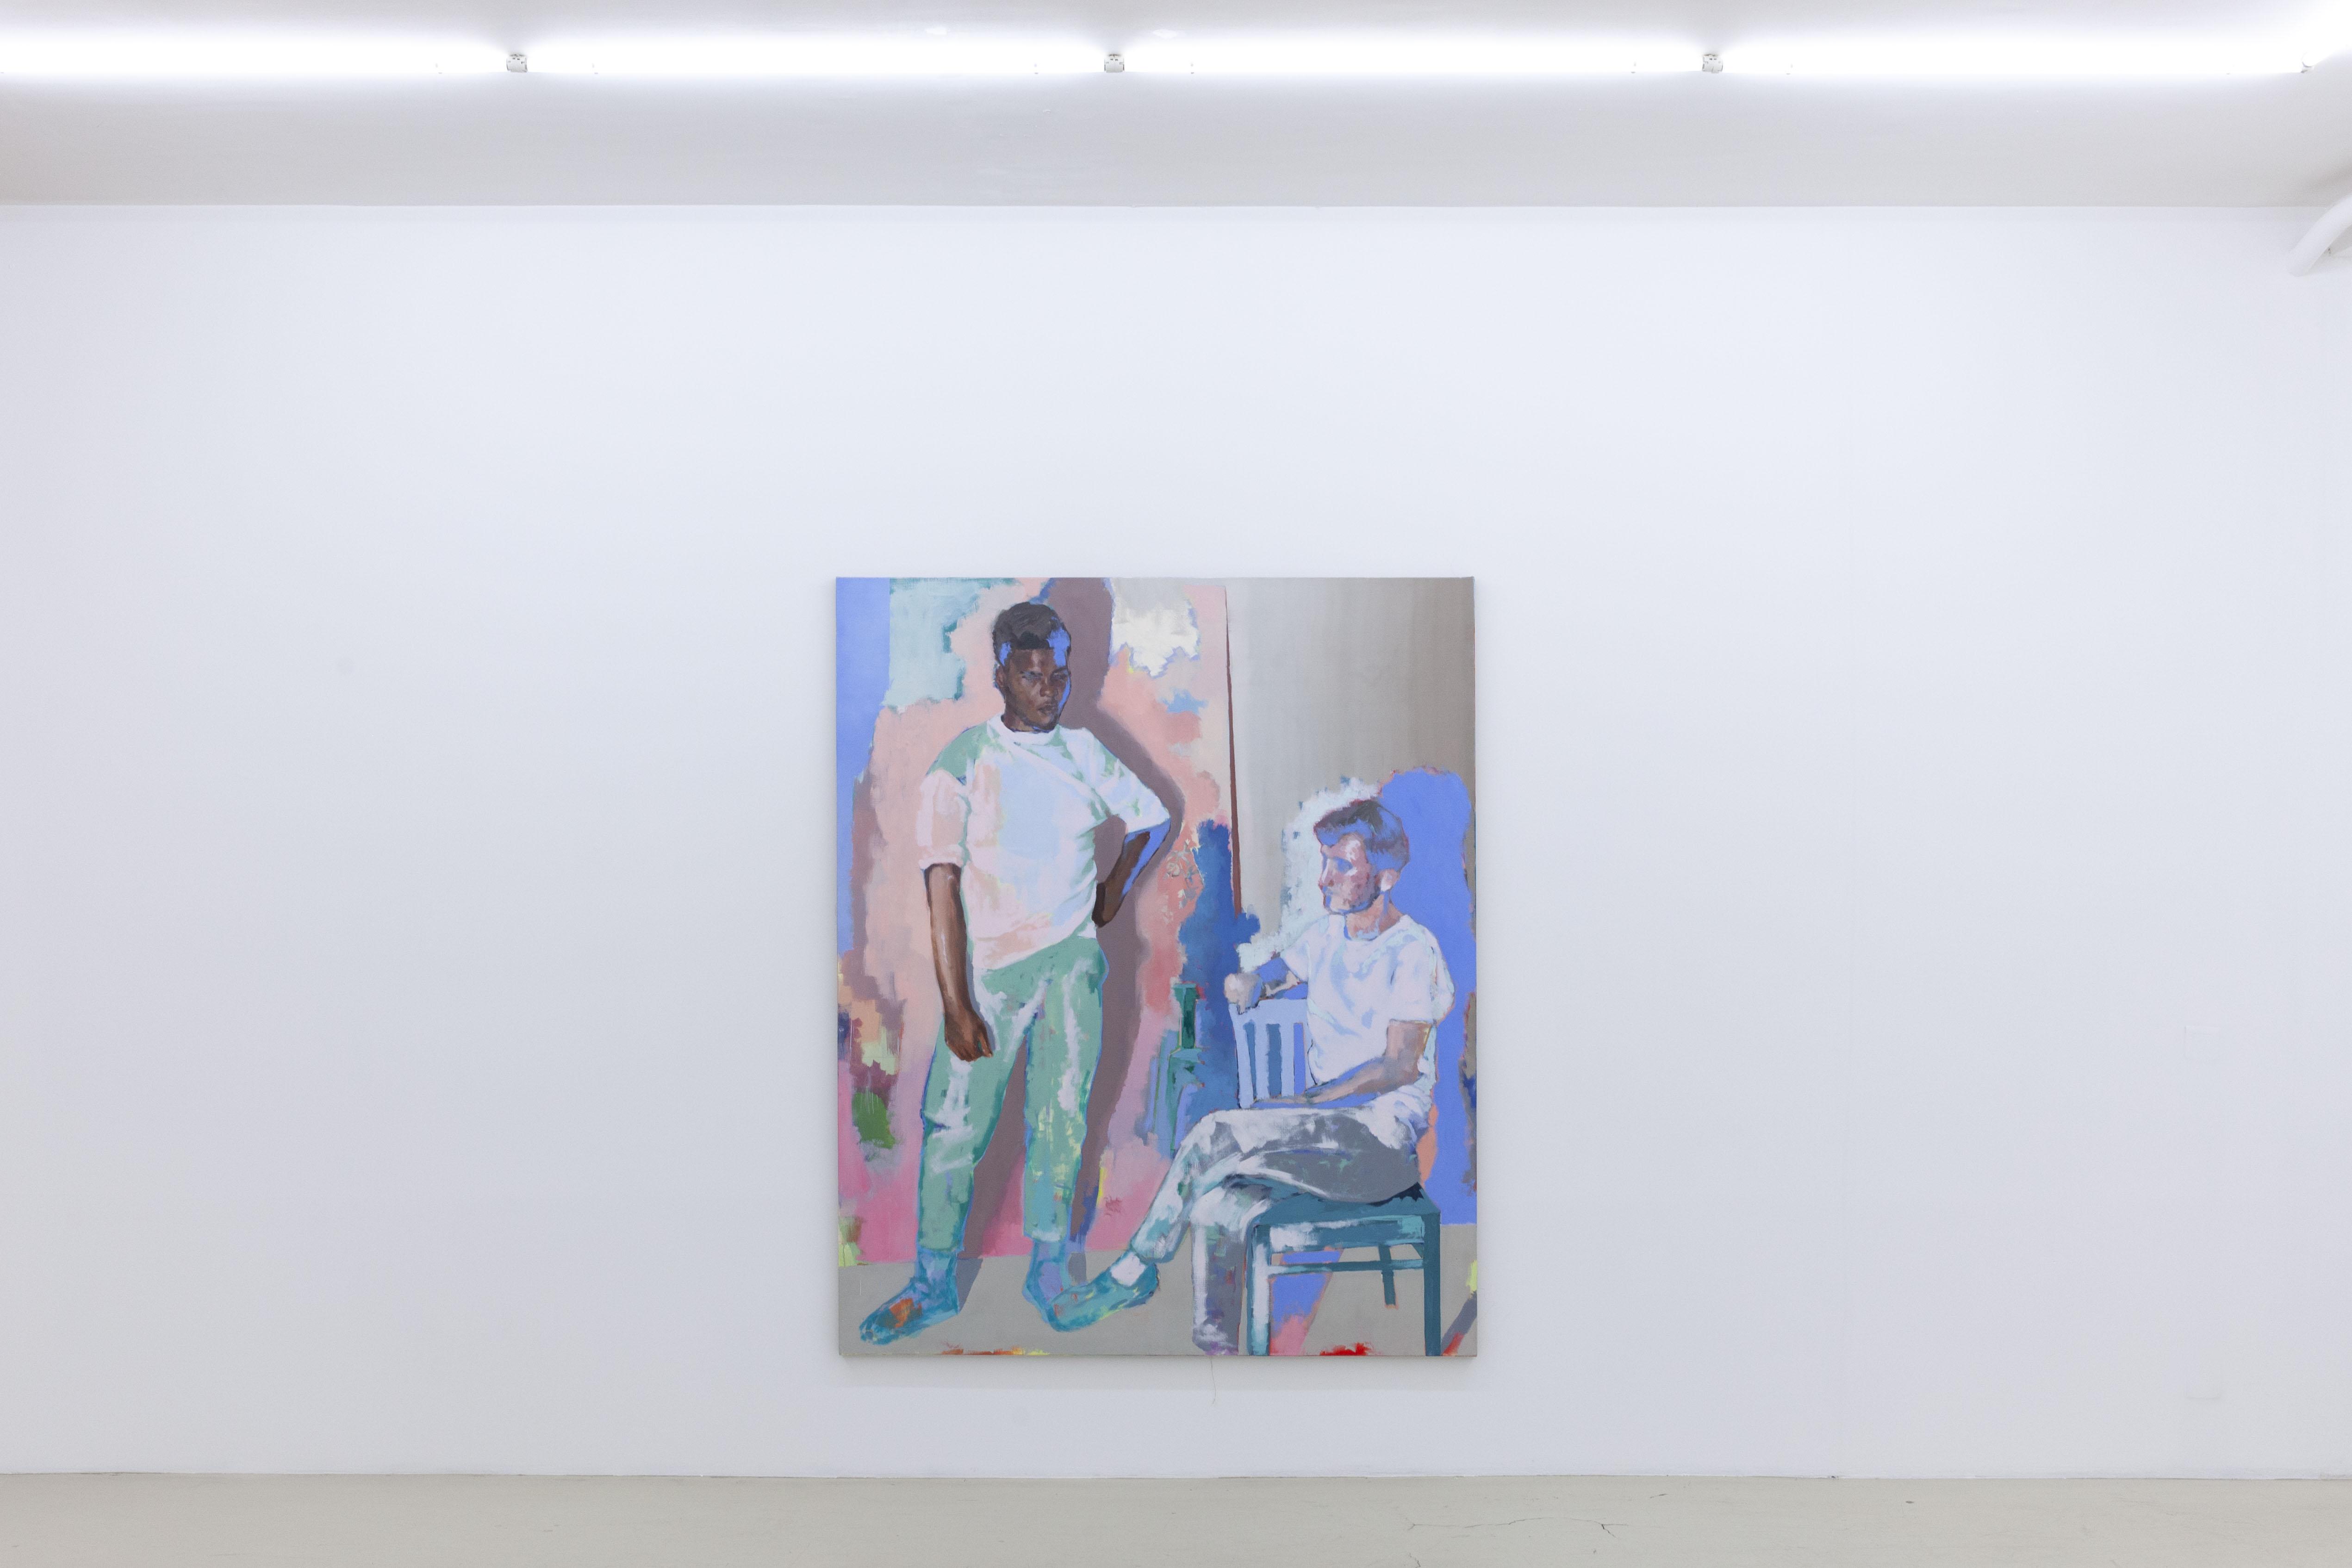 Simon Martin_14h sur le lit_2020_GalerieJousseEntreprise_photo Julie Coulon_web12